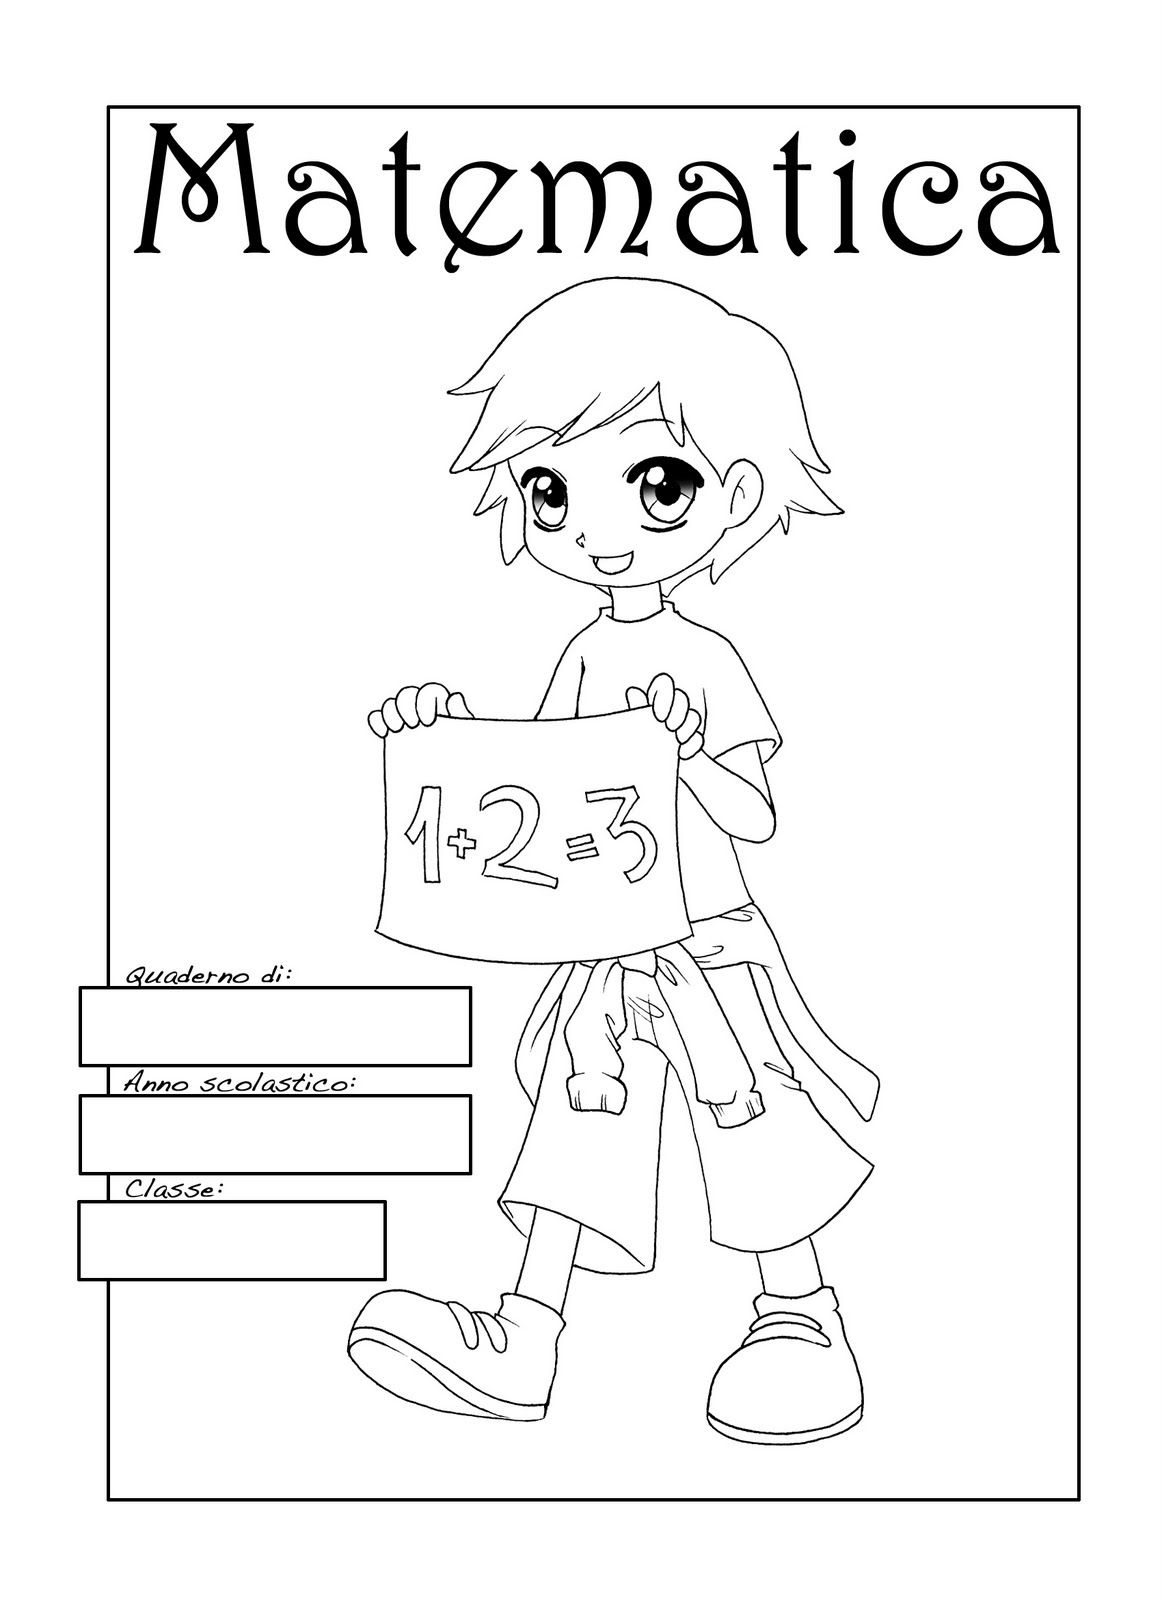 disegni da colorare per bambini delle scuole elementari